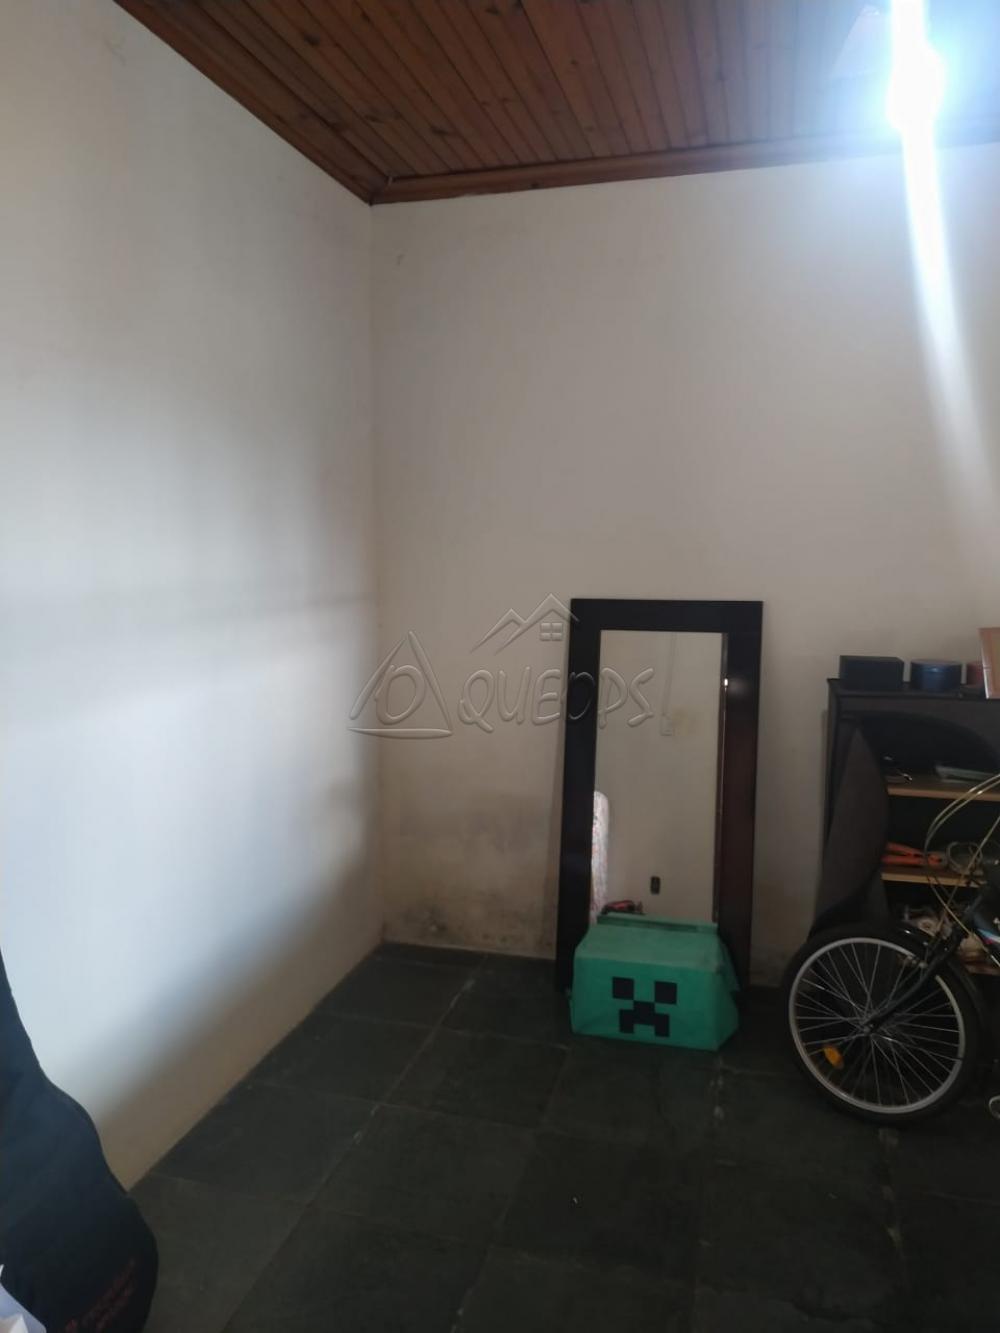 Comprar Casa / Padrão em Barretos apenas R$ 130.000,00 - Foto 6